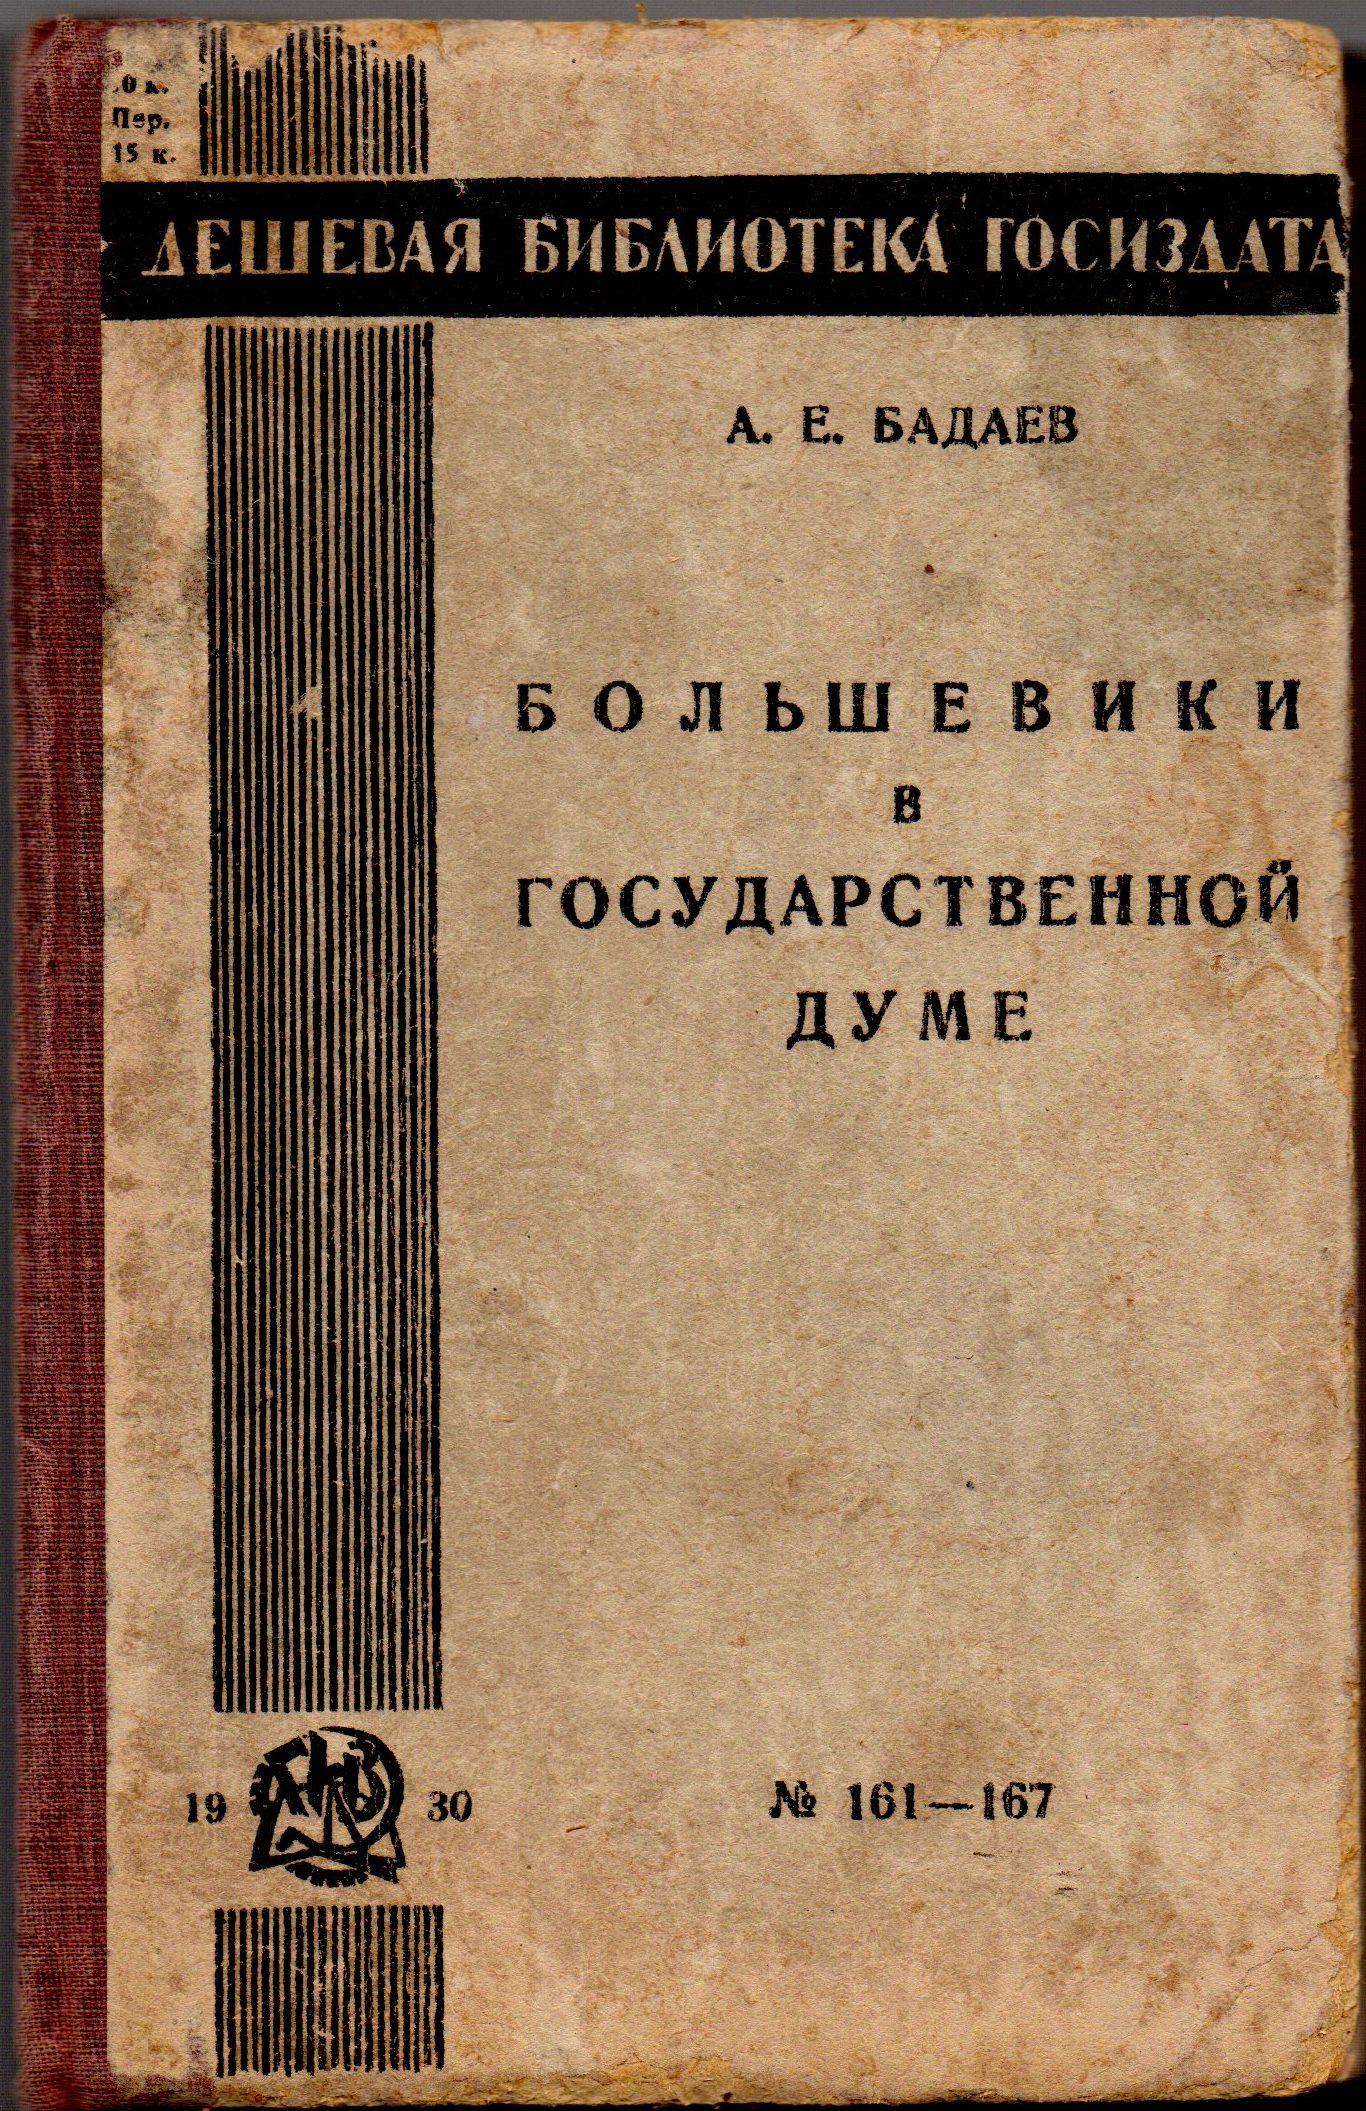 """Книга """"Бадаев А. Е. """"Большевики в Государственной думе"""""""